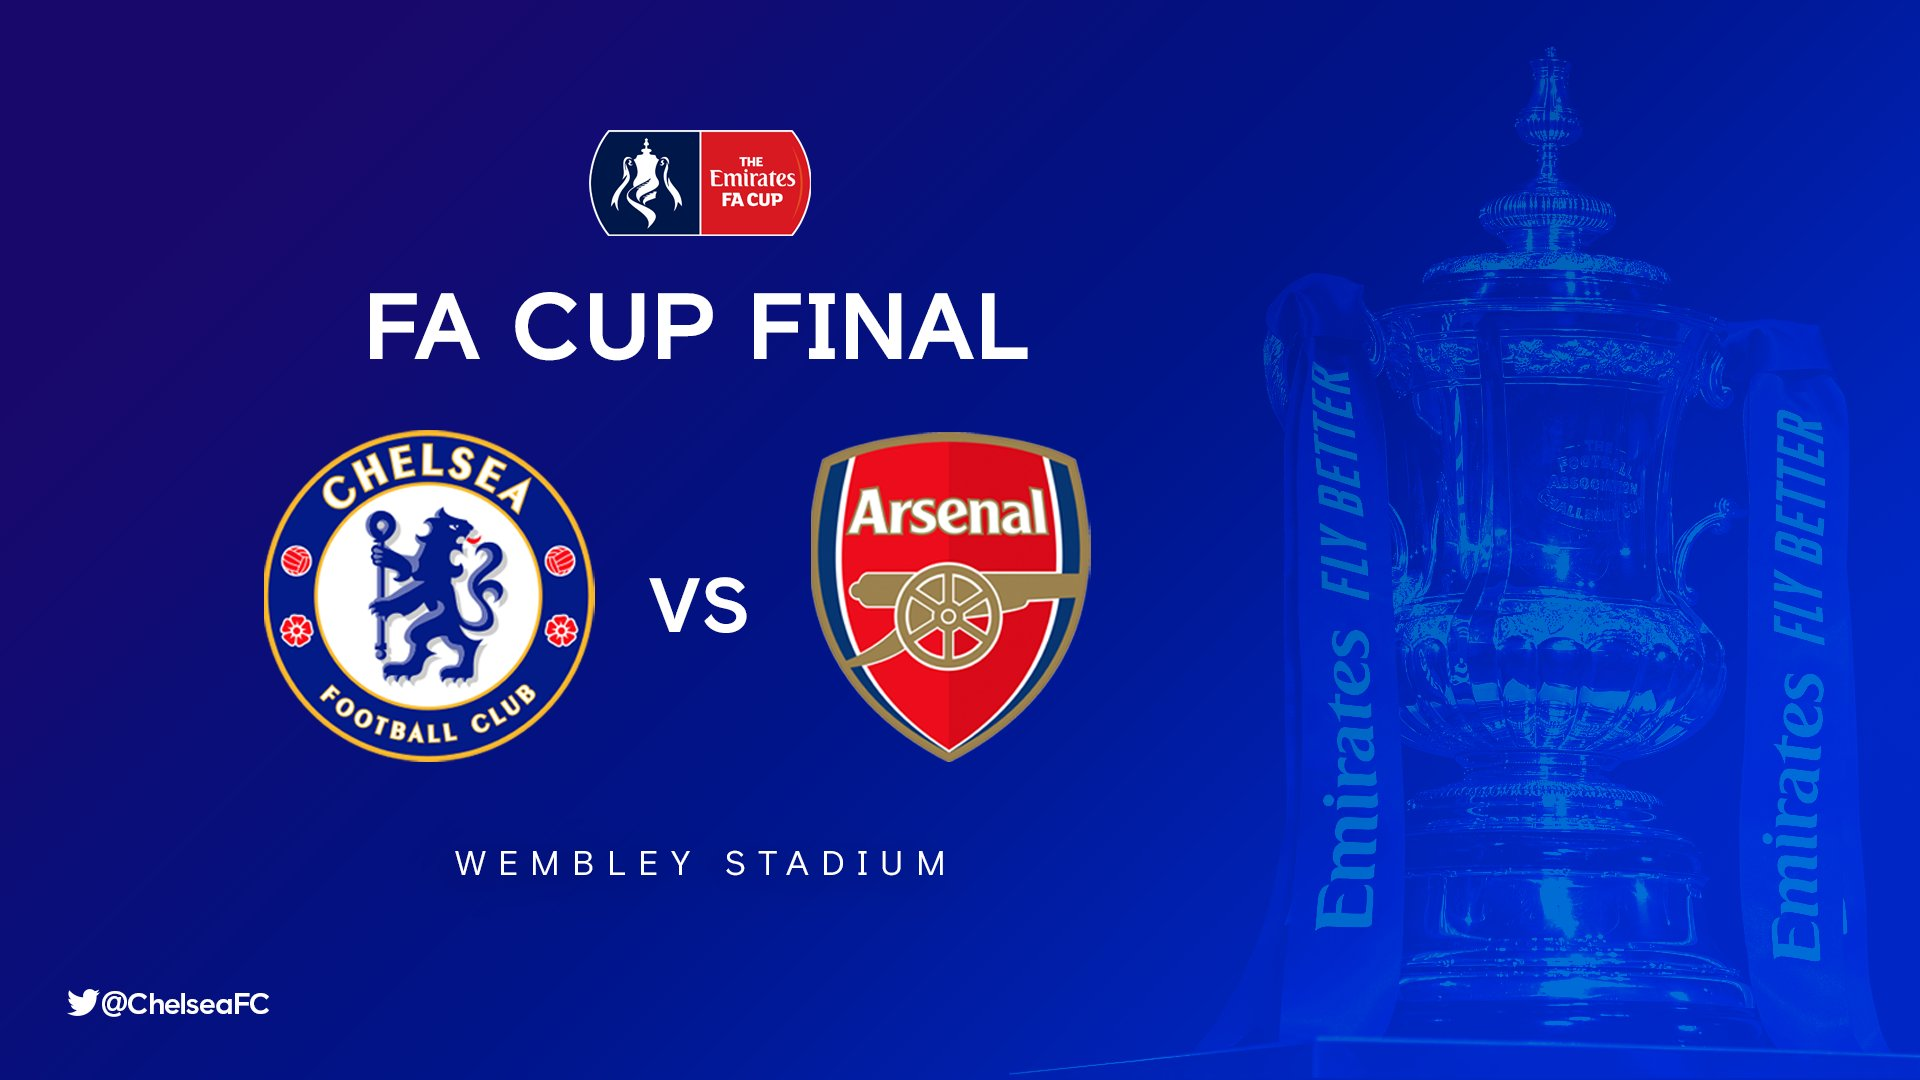 官方:足总杯决赛将于8月2日0:30开球,主裁为安东尼-泰勒